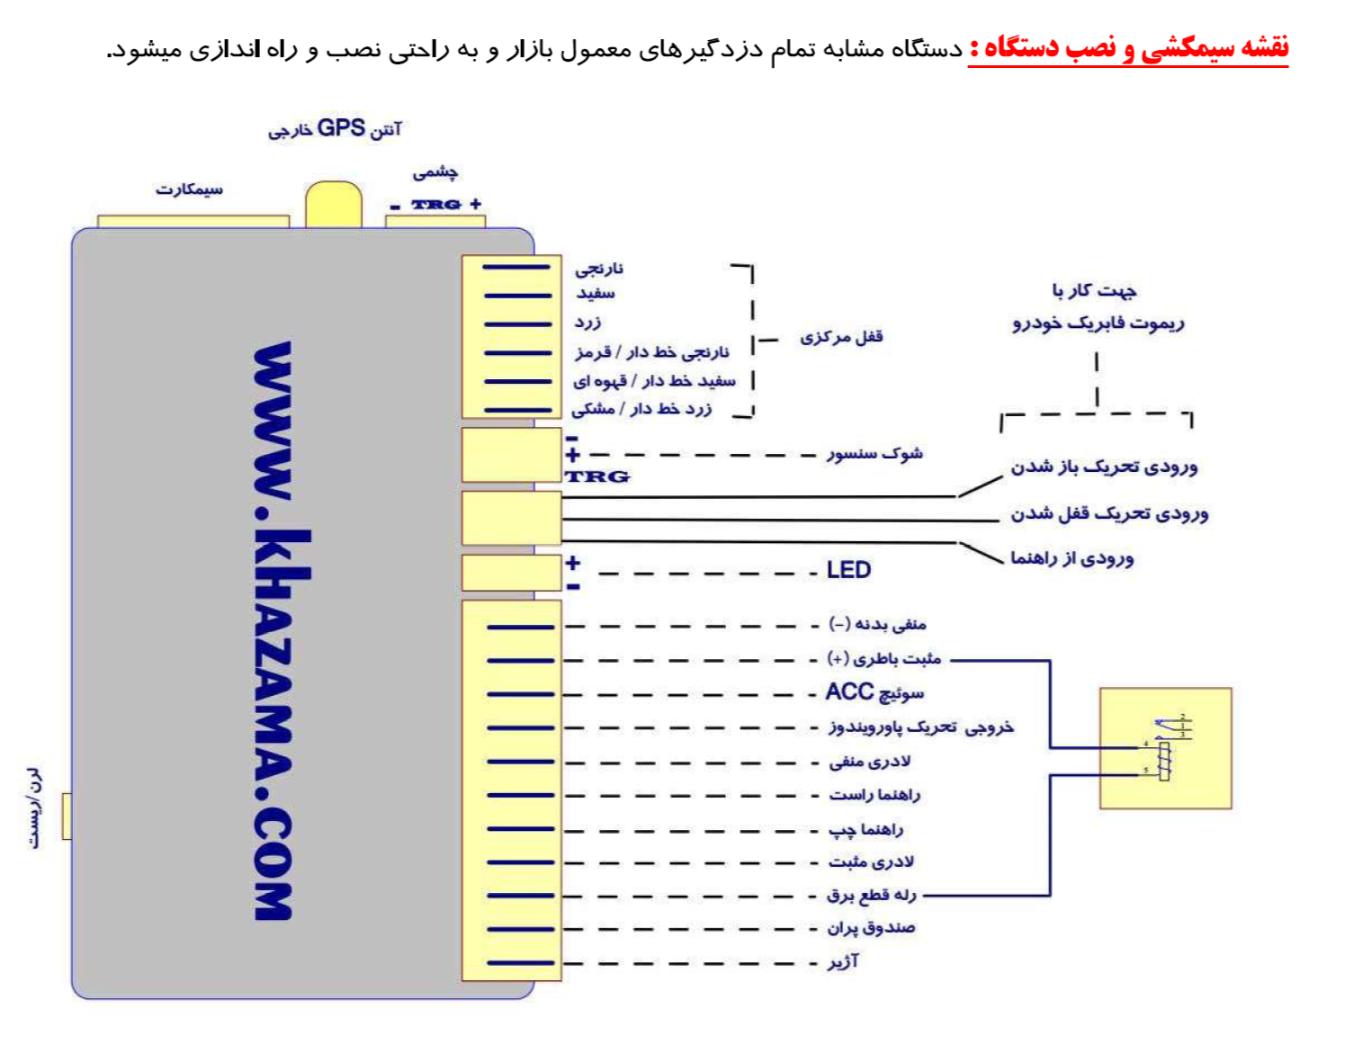 2kkf_sketch_(7).png